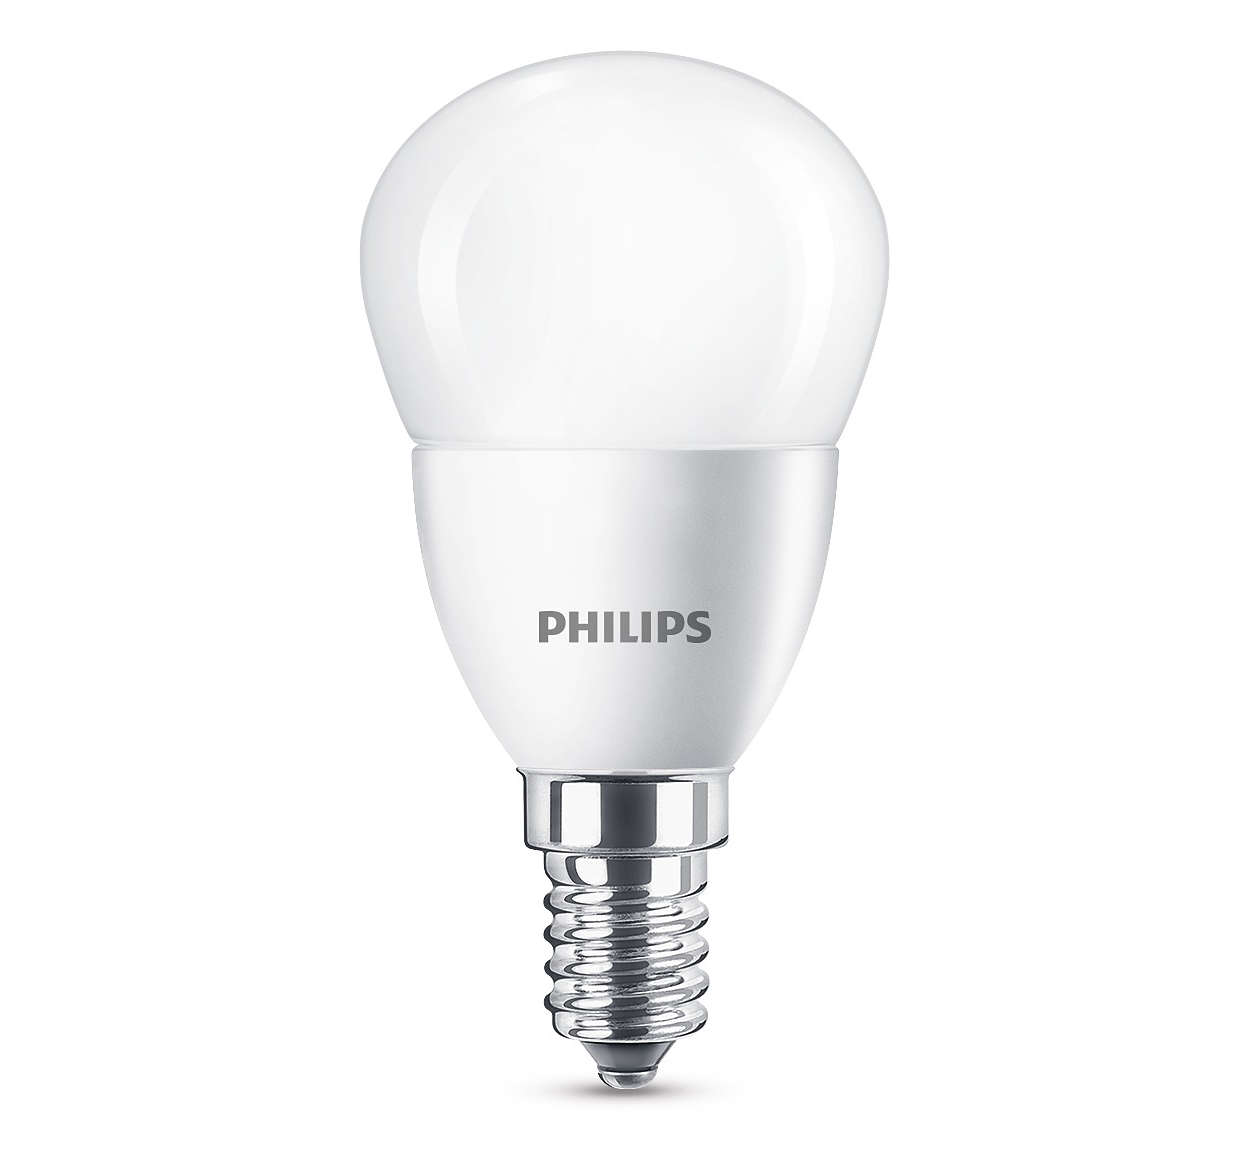 Klar LED-belysning med fremragende lyskvalitet